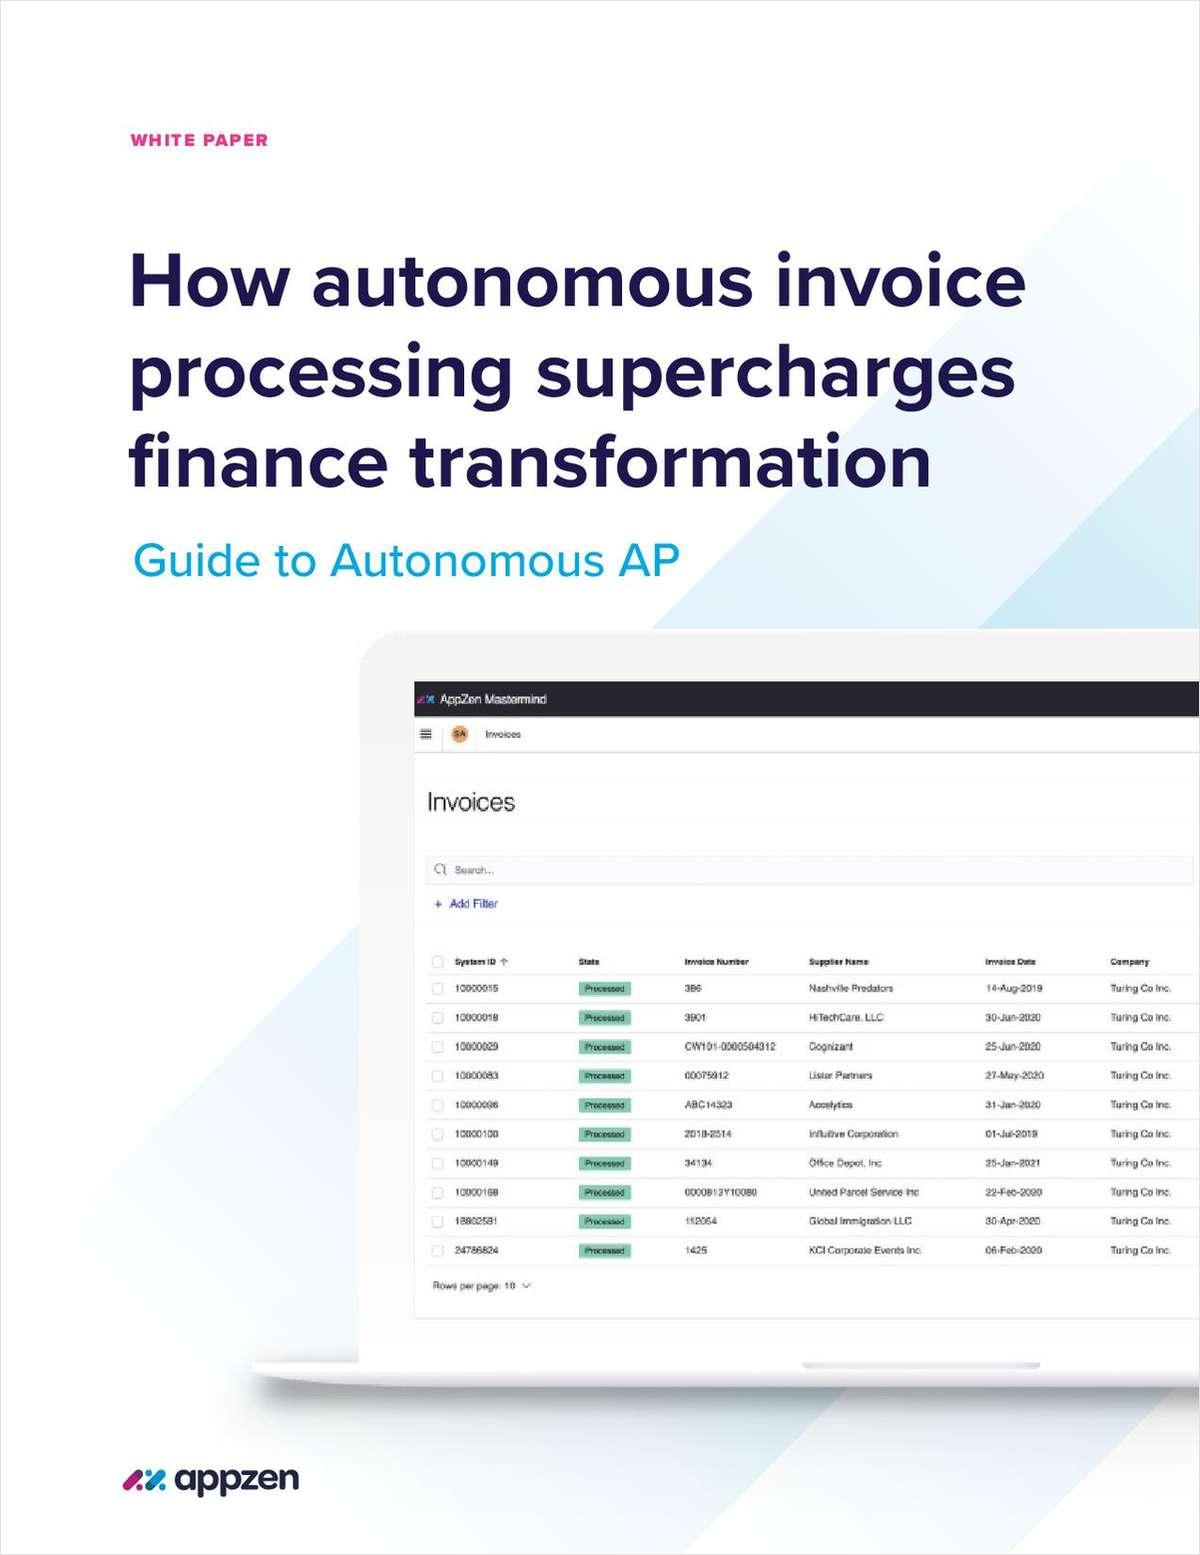 How Autonomous Invoice Processing Supercharges Finance Transformation